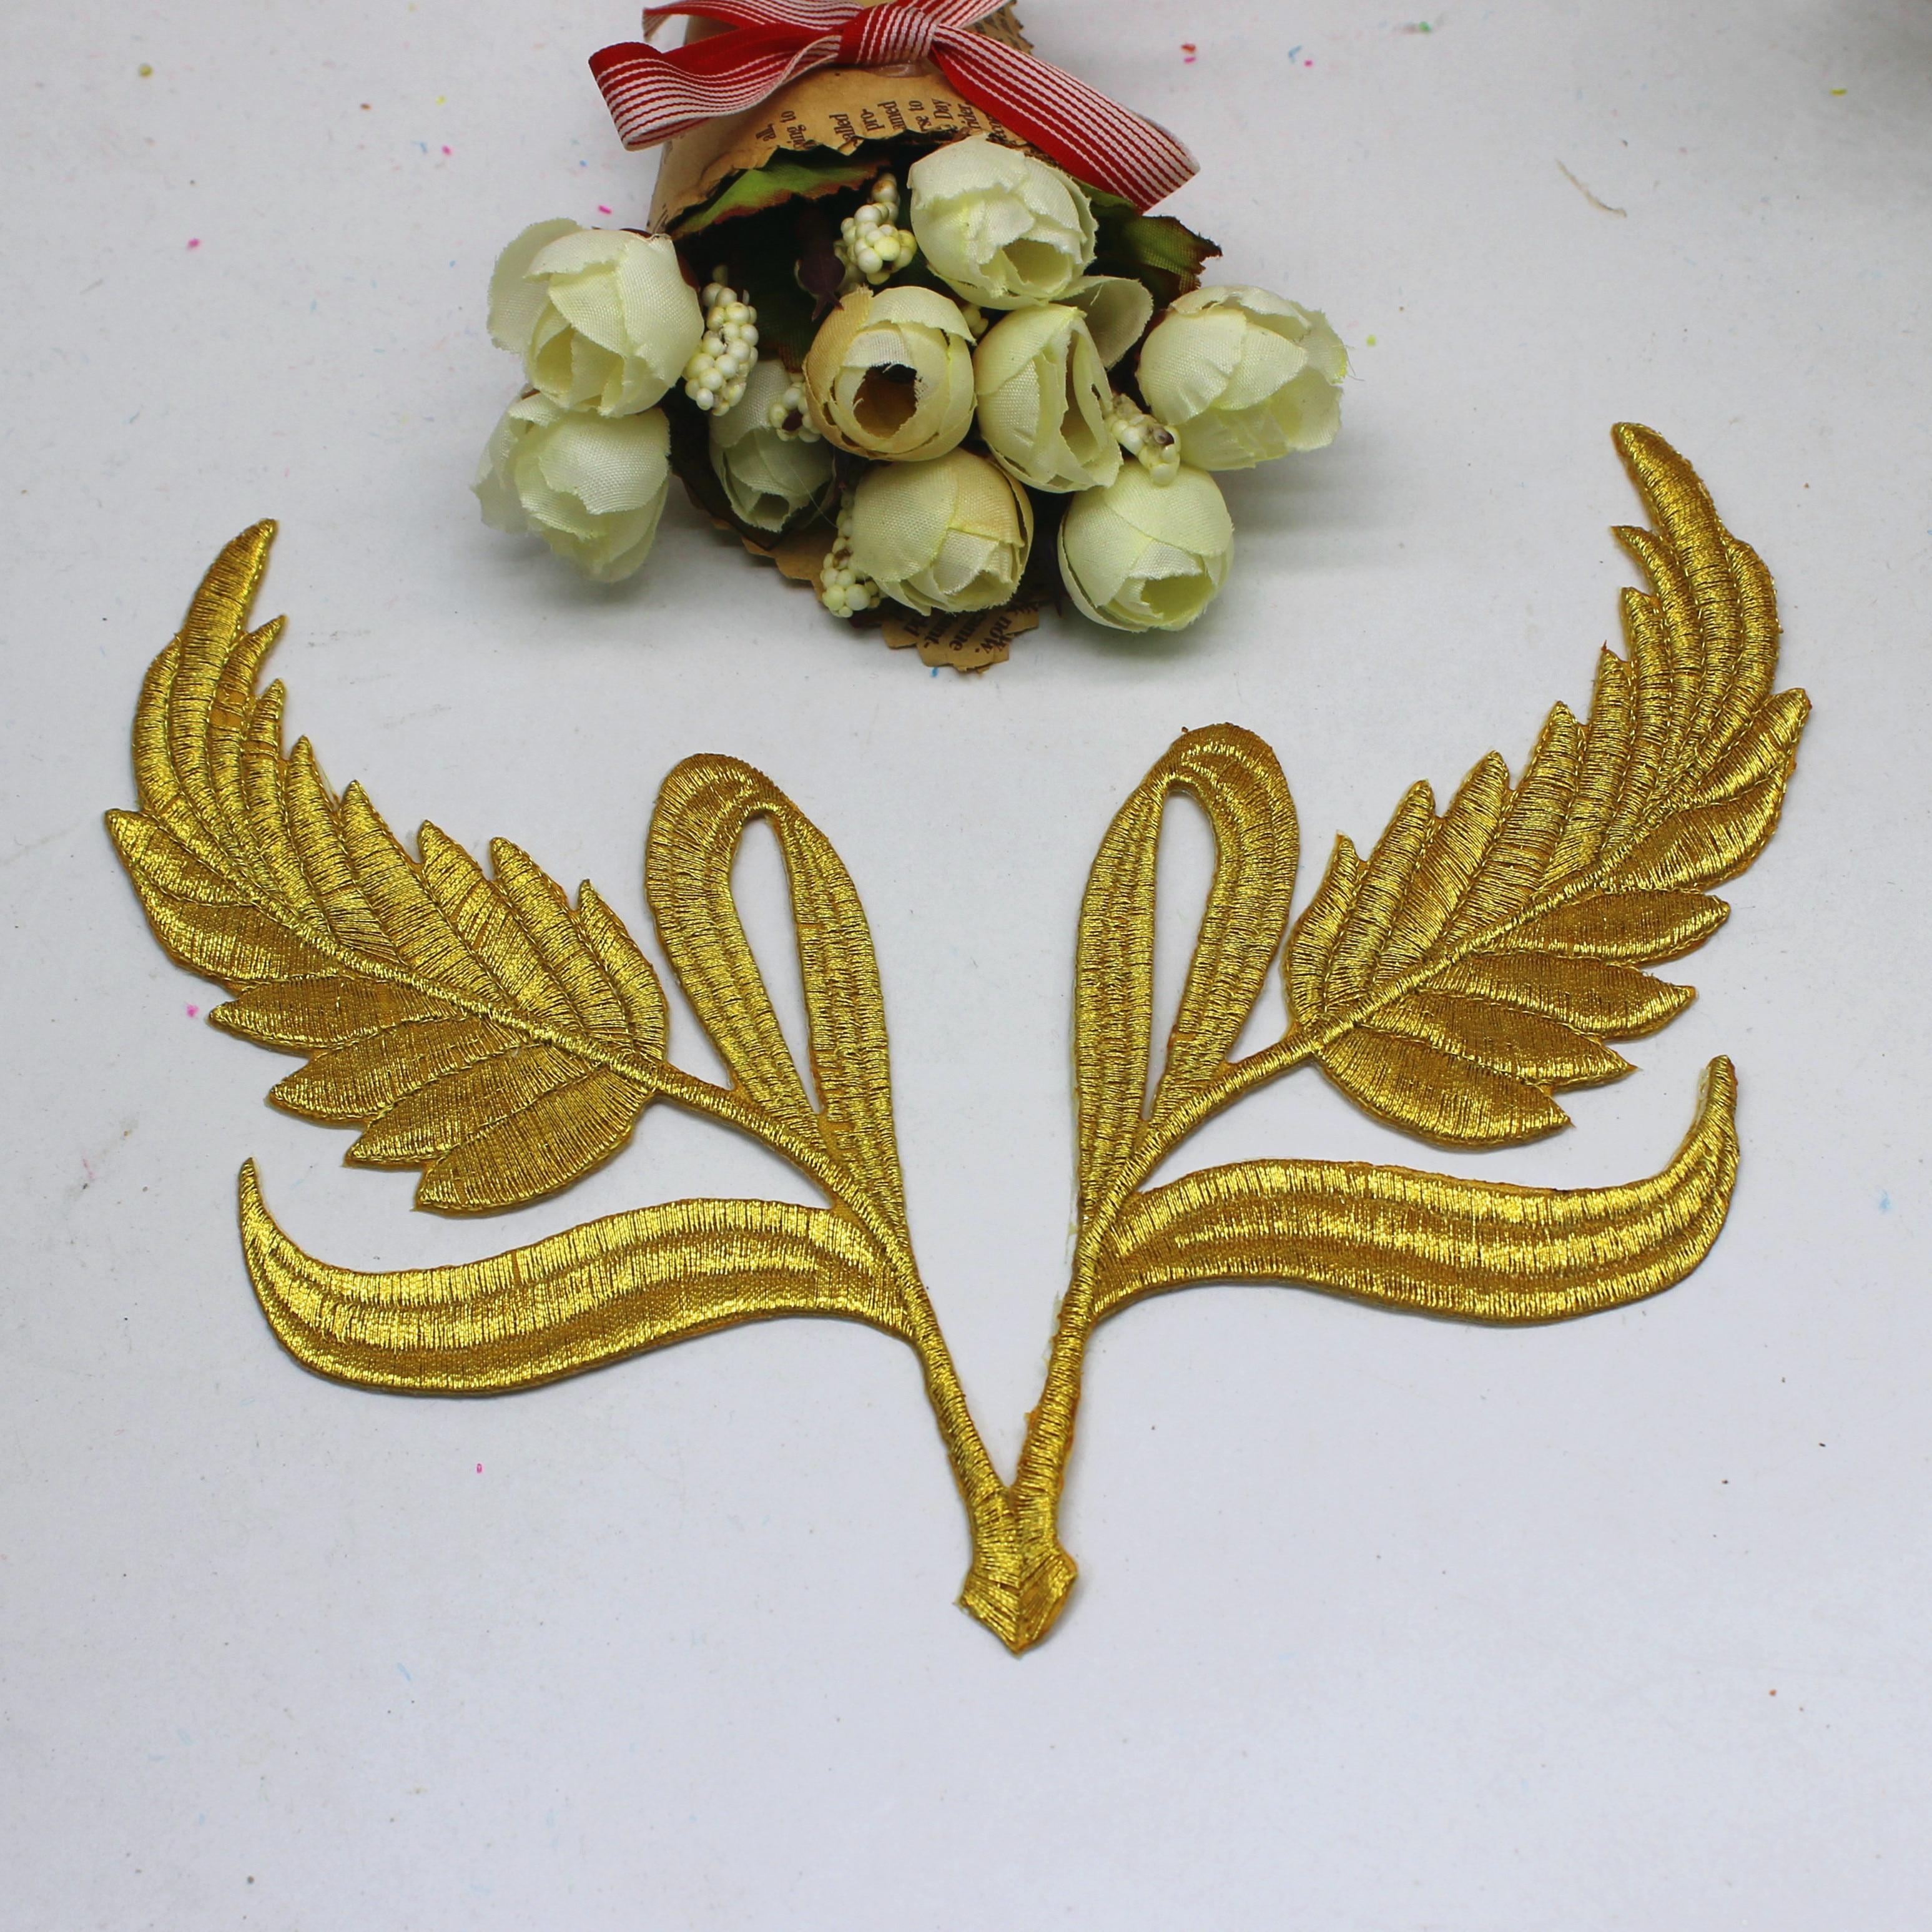 YACKALASI 5 pares/lote Appliqued Lace Patches Asas de Águia de Ouro Espelho Flor Bordados Guarnições de Ferro Na Flor 20*15 centímetros